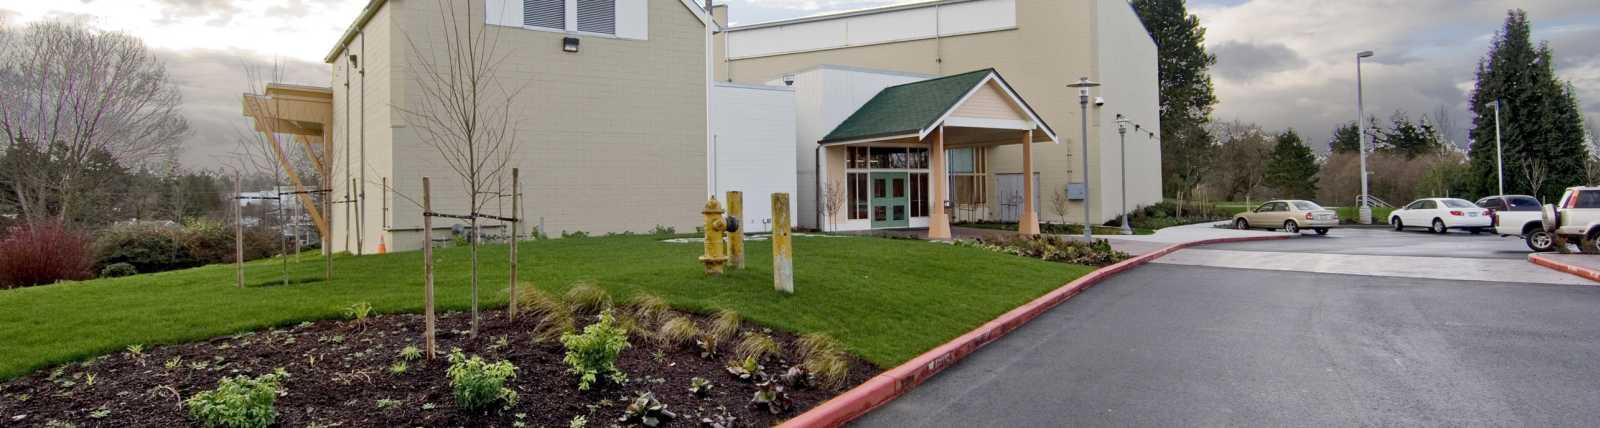 SeaTac Community Center - Exterior